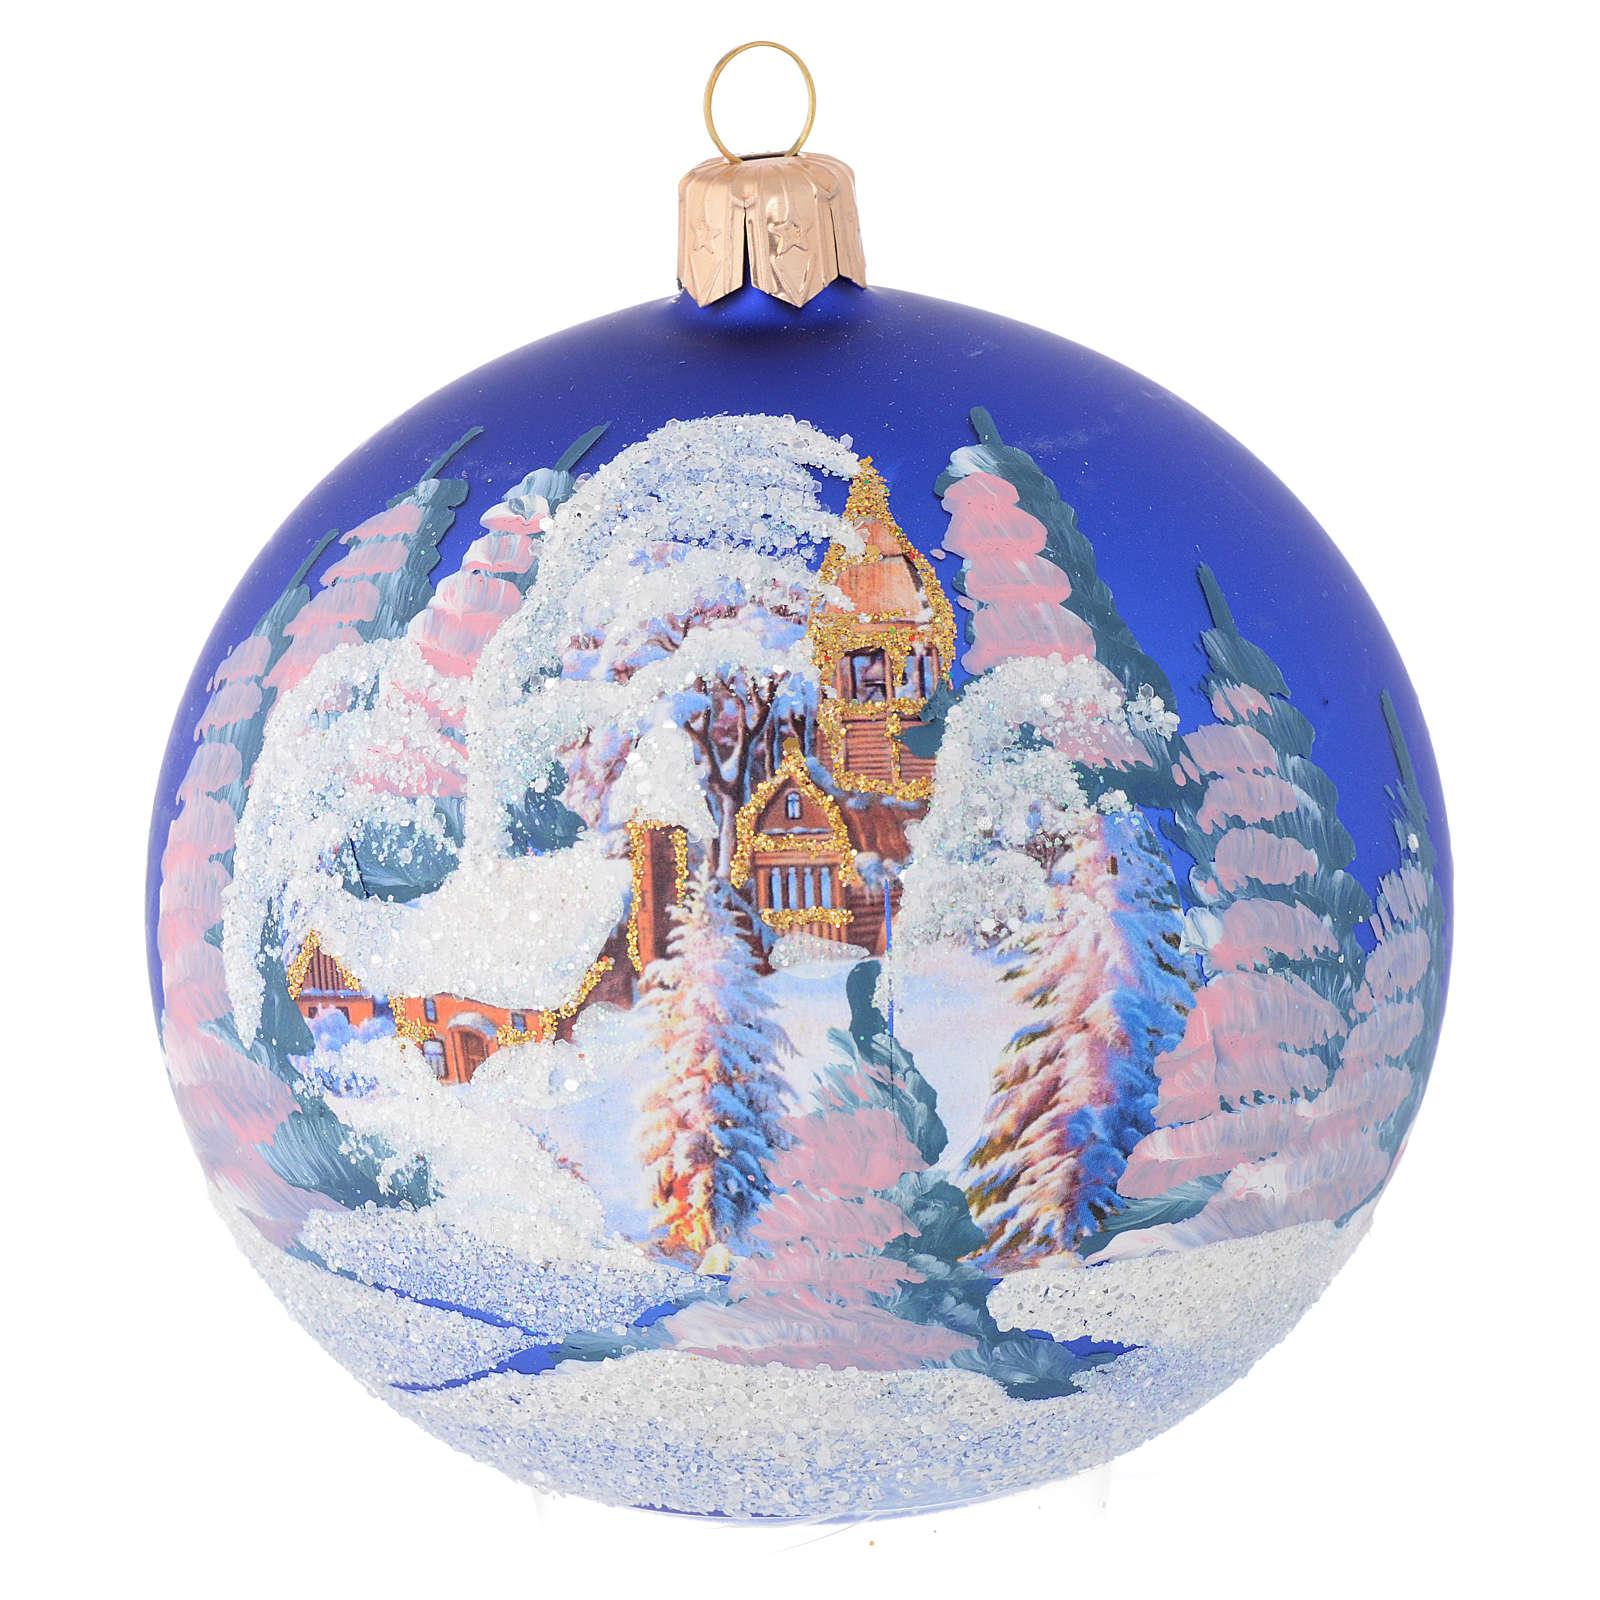 Décoration sapin Noël verre bleu paysage découpage 100 mm 4